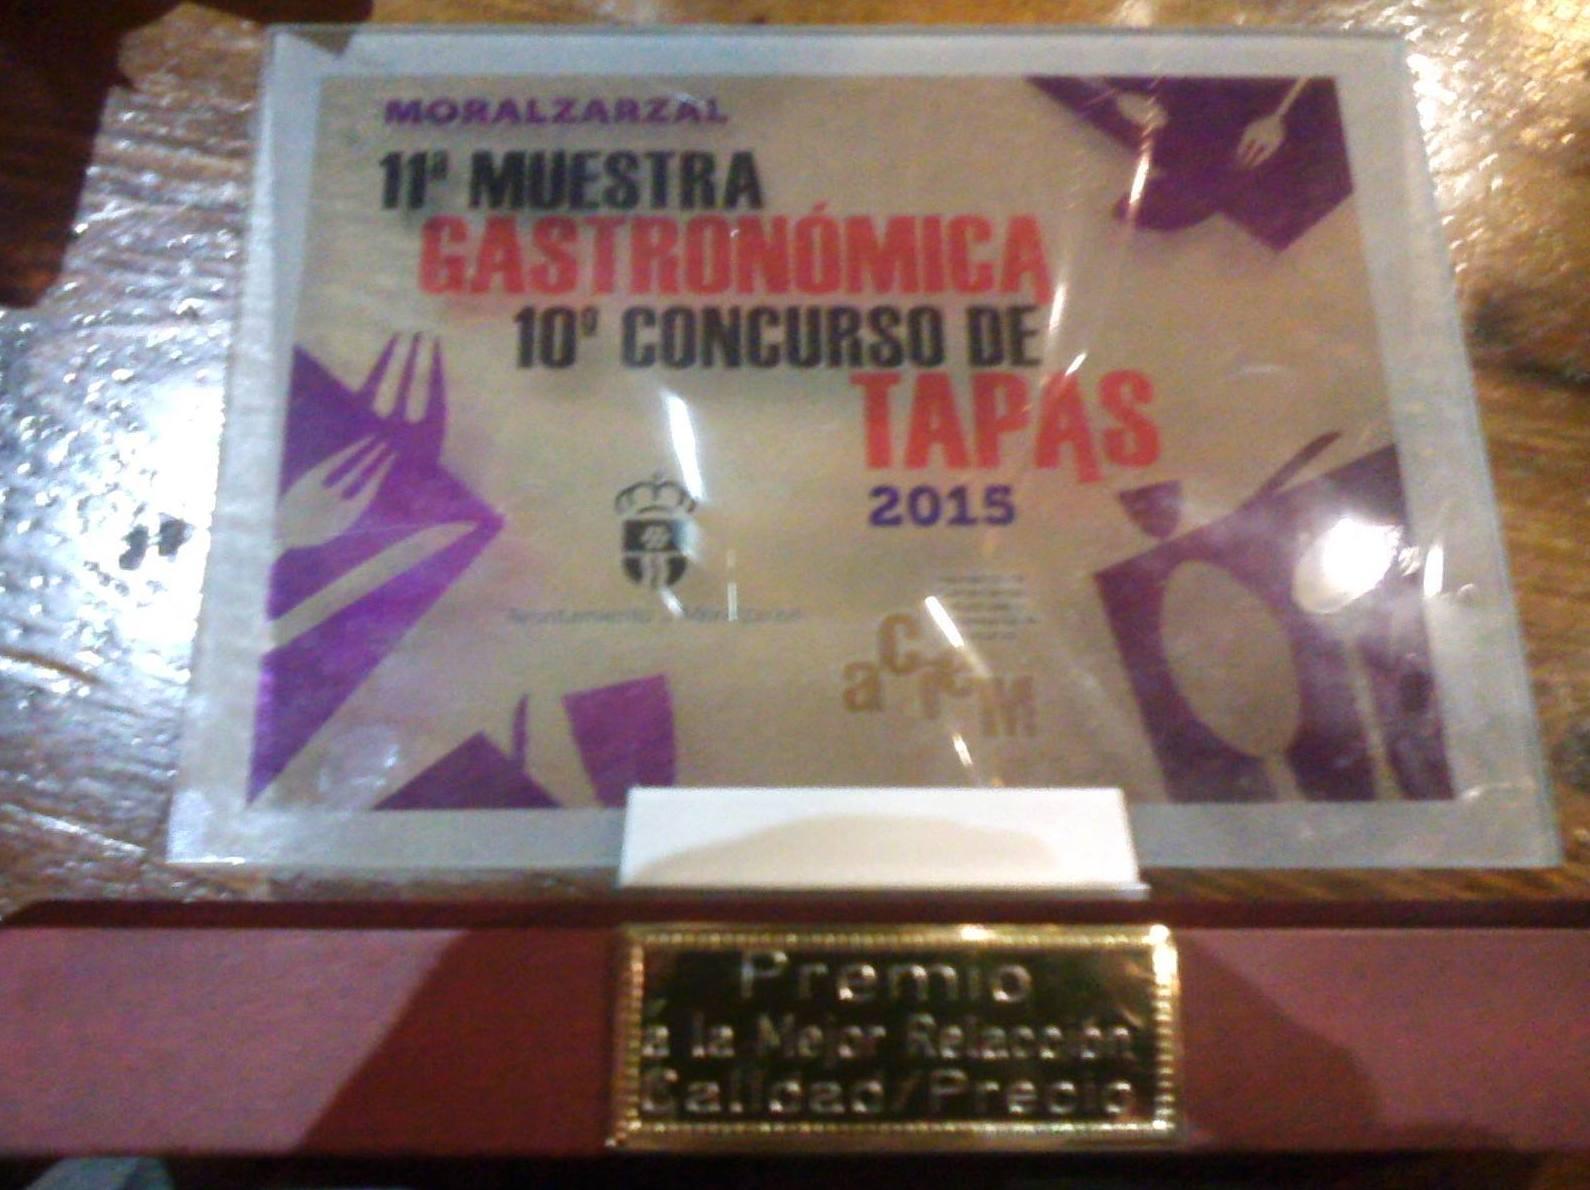 Premio a la mejor relación calidad/precio Jornada Gastronomica de Tapas 2015